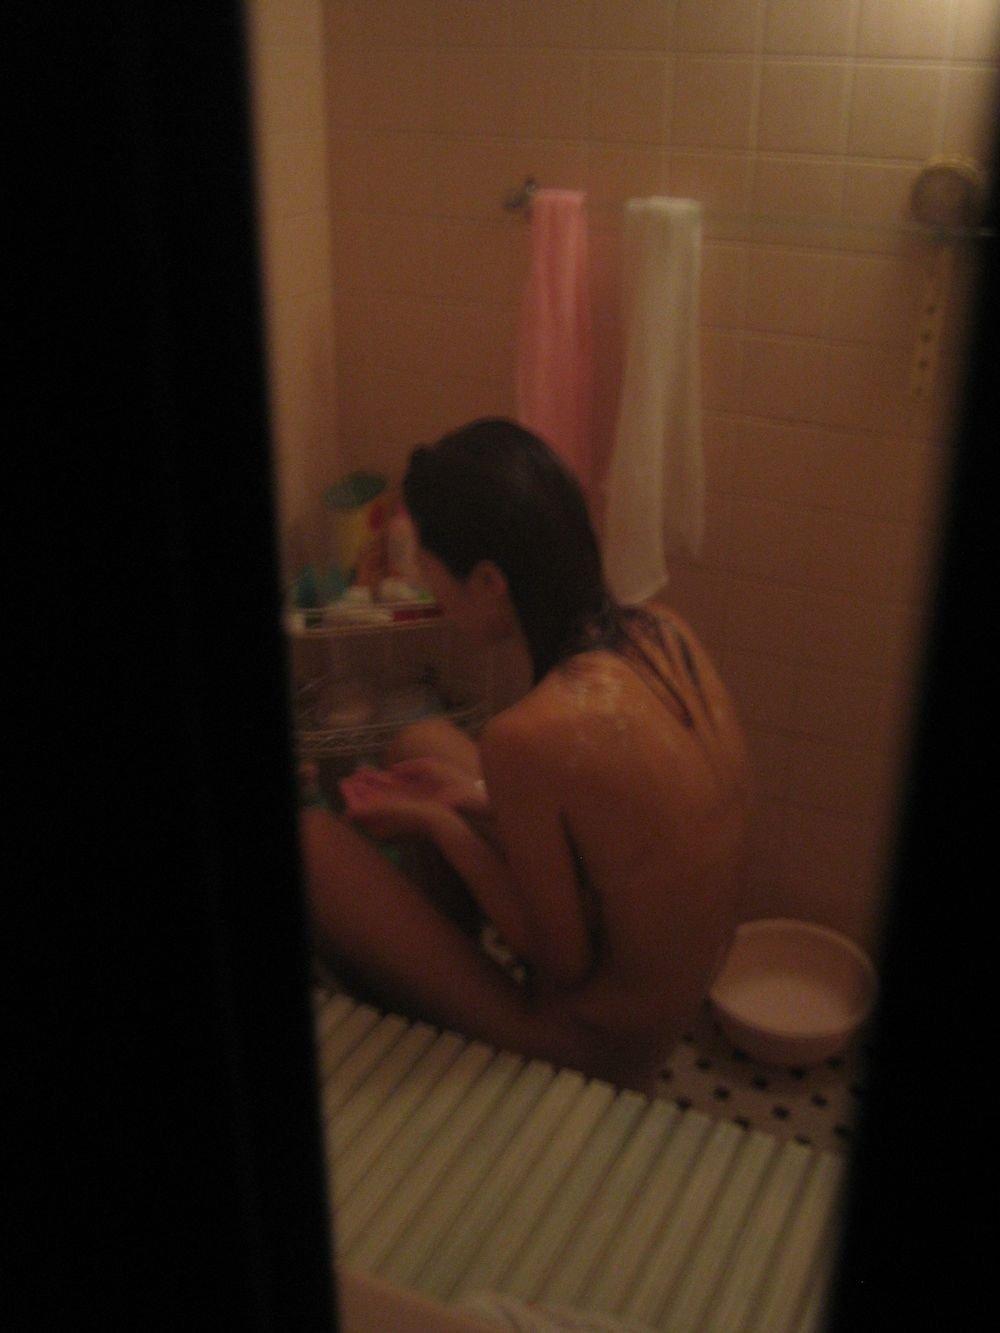 彼女のヌードを風呂場で覗く (19)